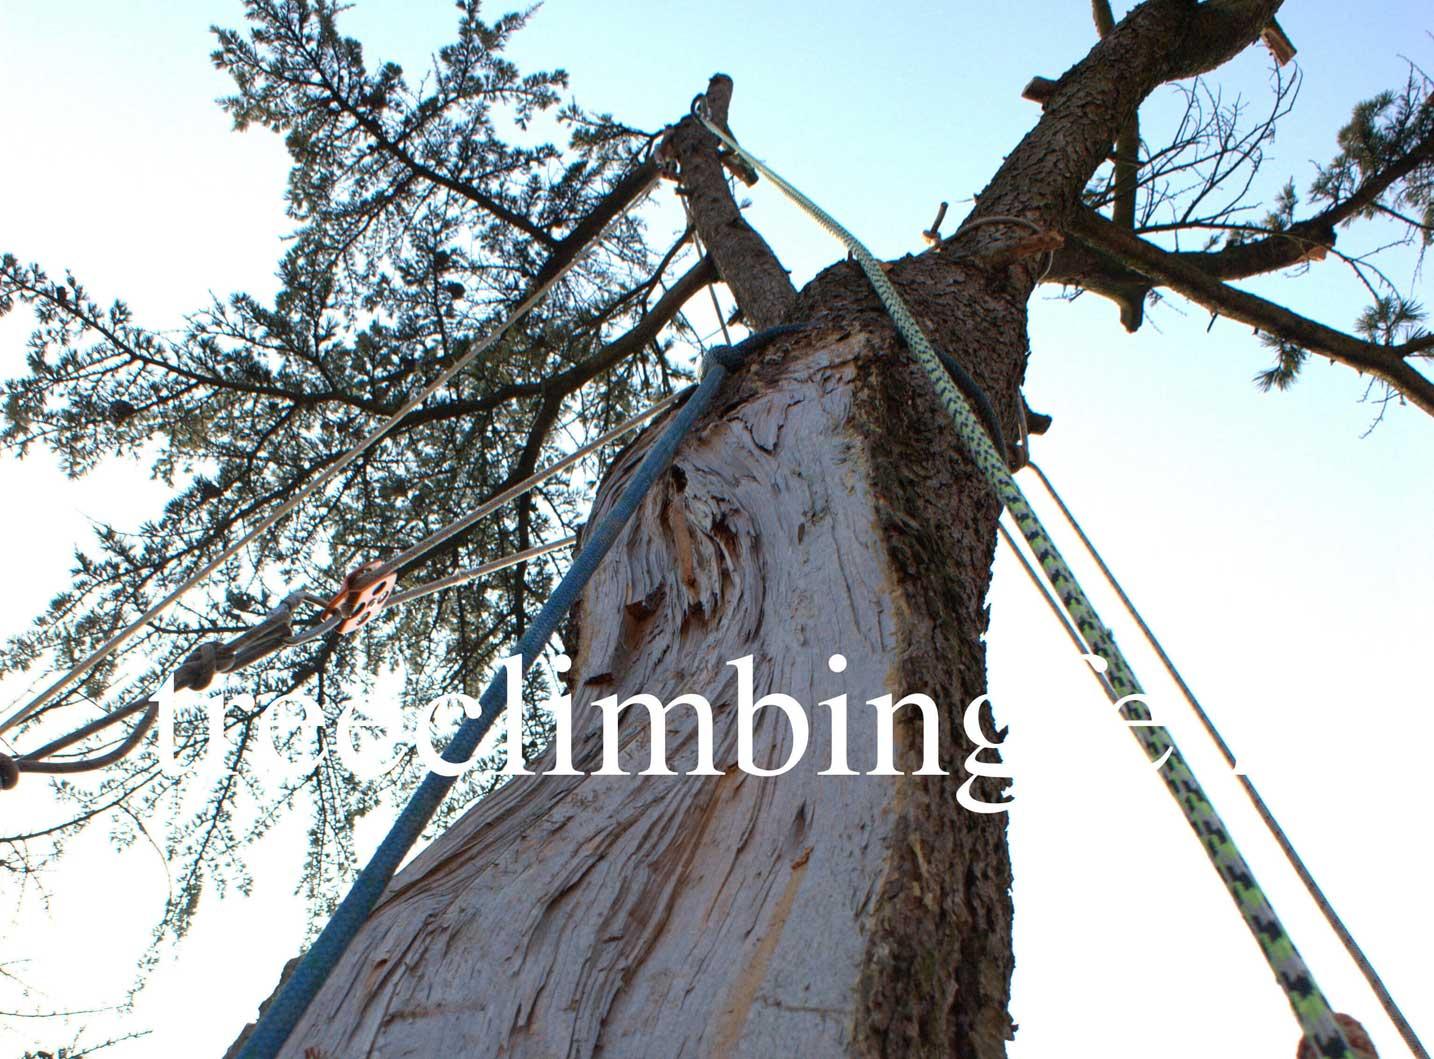 Tree Climbing Ferrara - Arboricoltura Perelli: servizio di pronto intervento